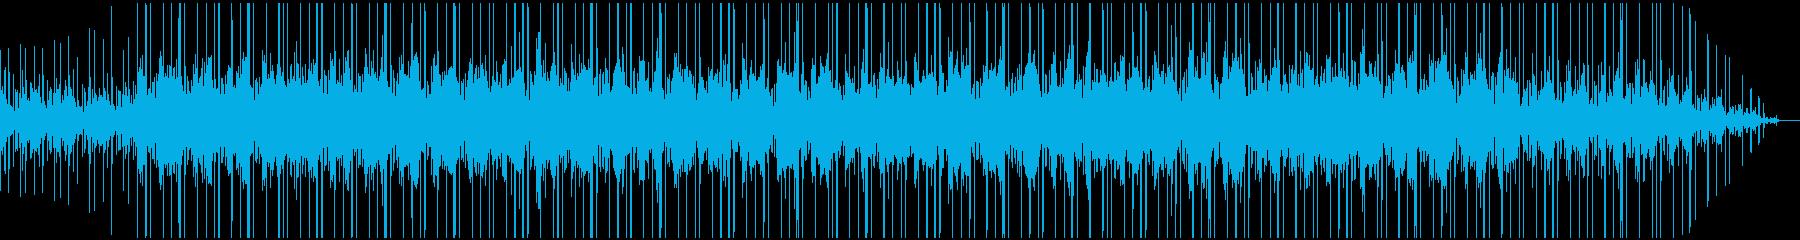 雨の日に聞きたい作業用bgm1の再生済みの波形